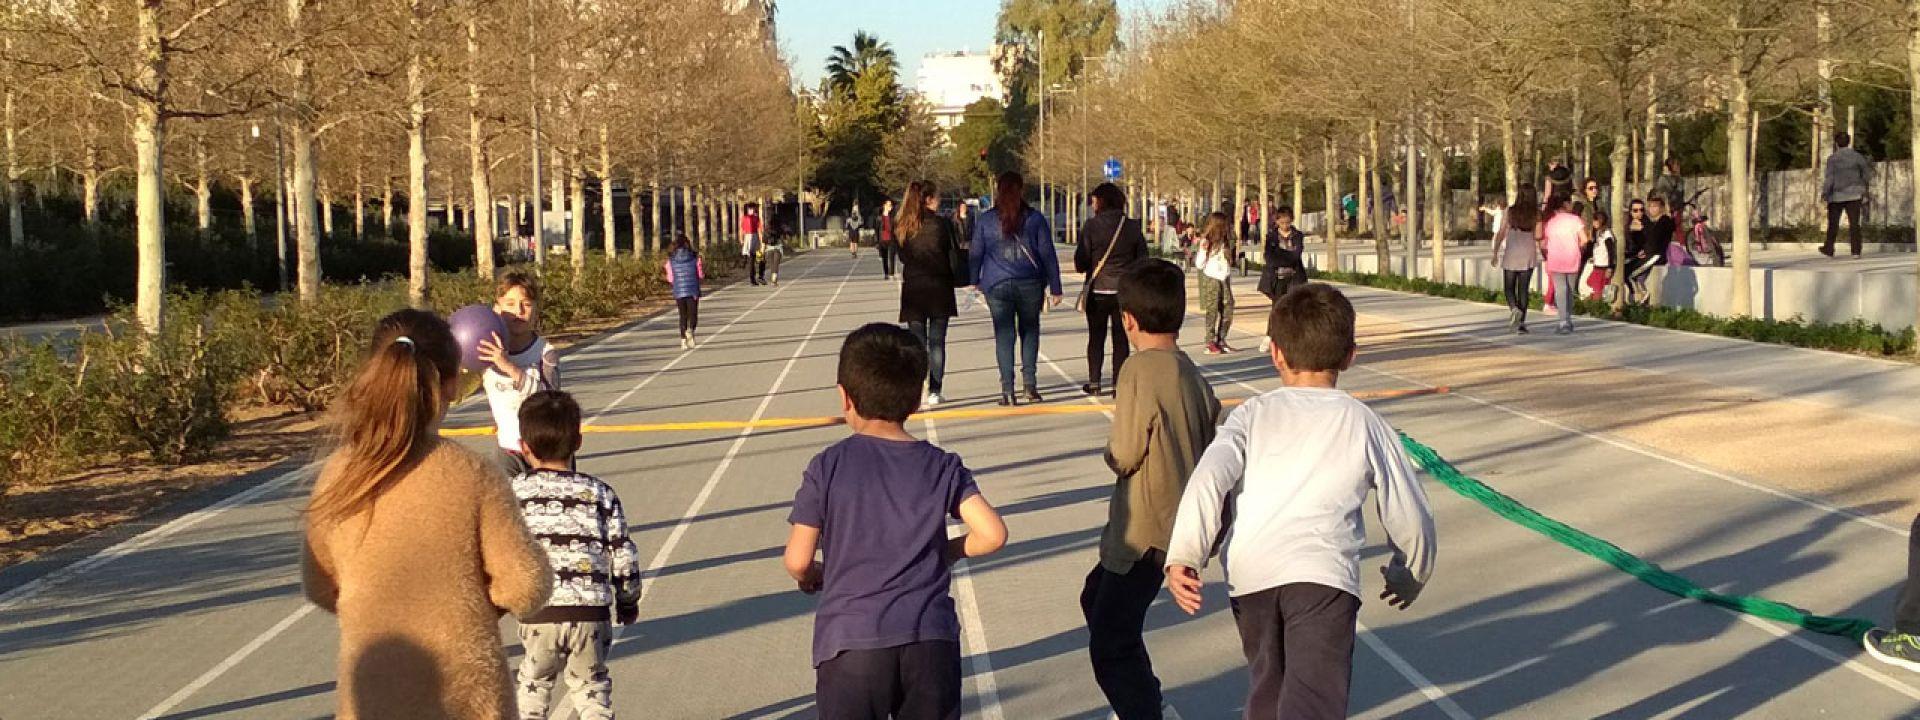 Φωτογραφία από παιδιά που τρέχουν και παίζουν στο ΚΠΙΣΝ